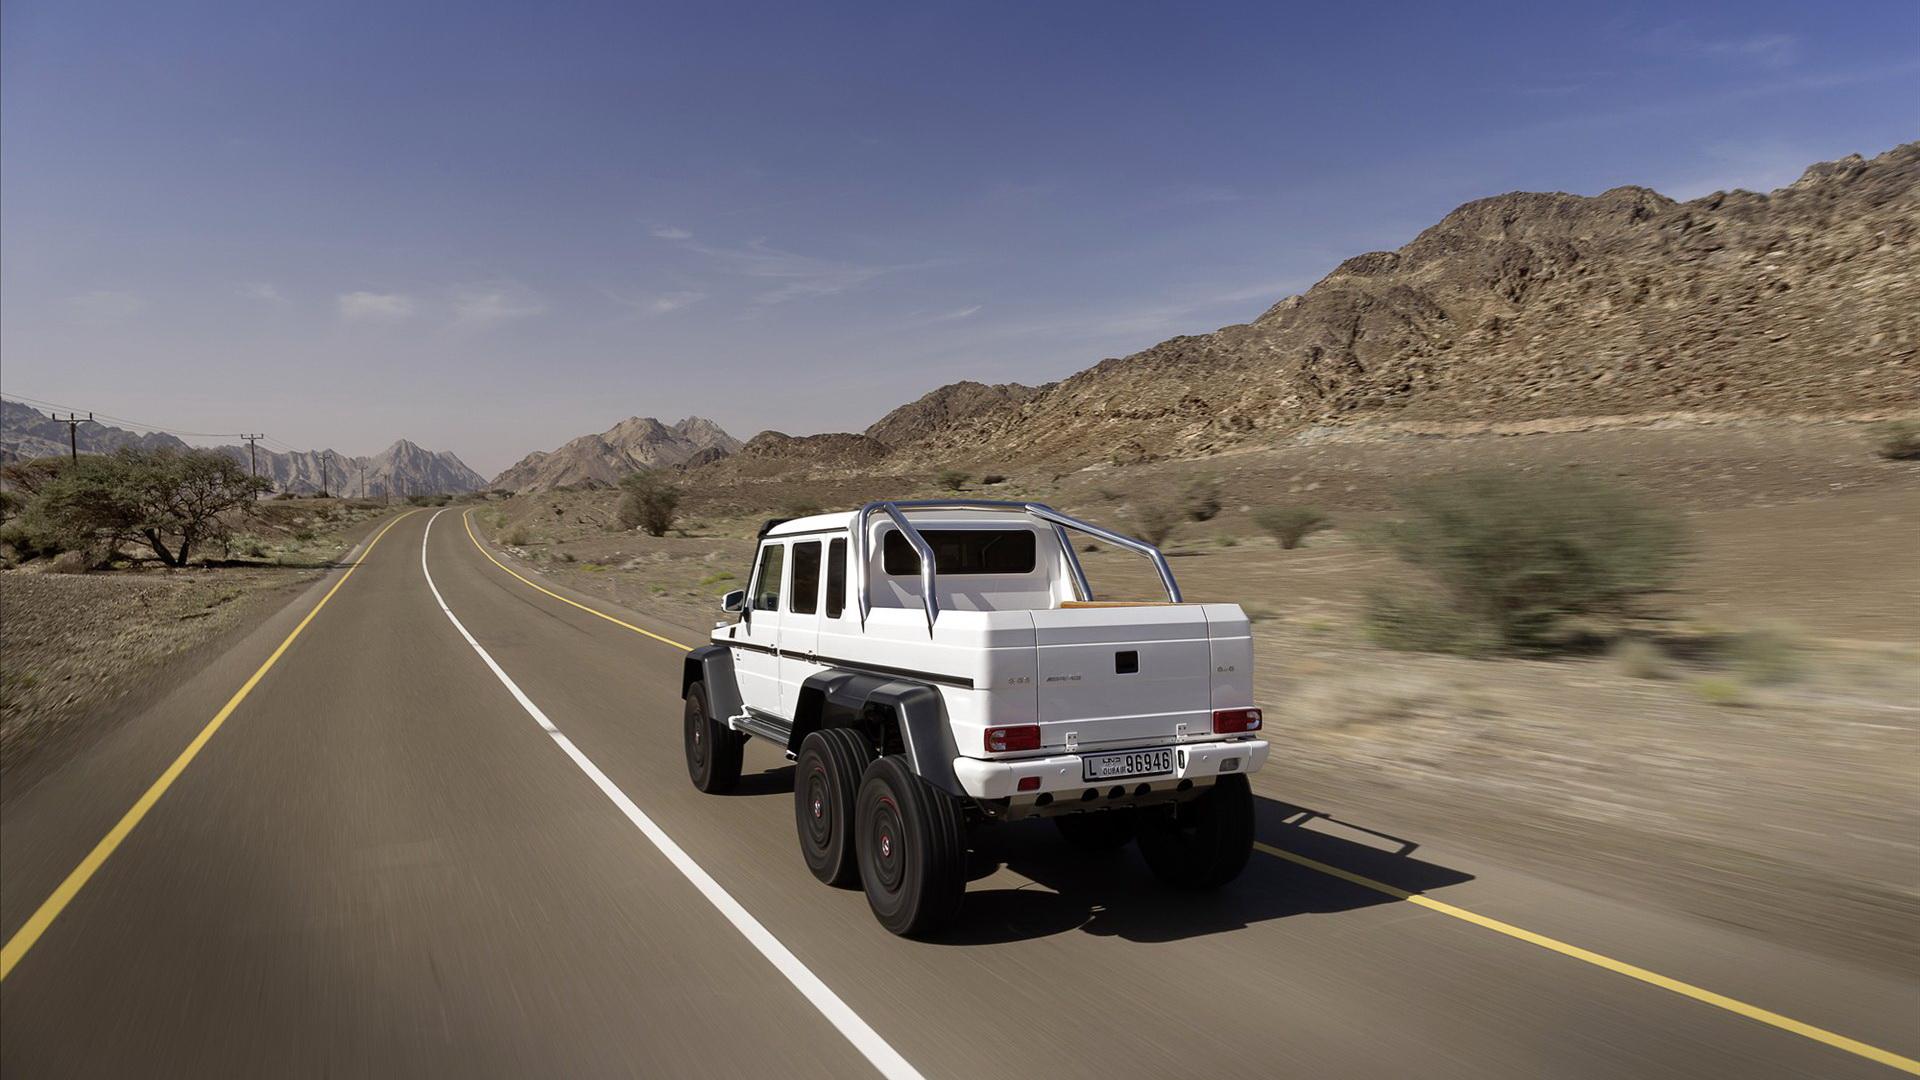 rcedes Benz奔驰越野车 G63 AMG壁纸高清图片